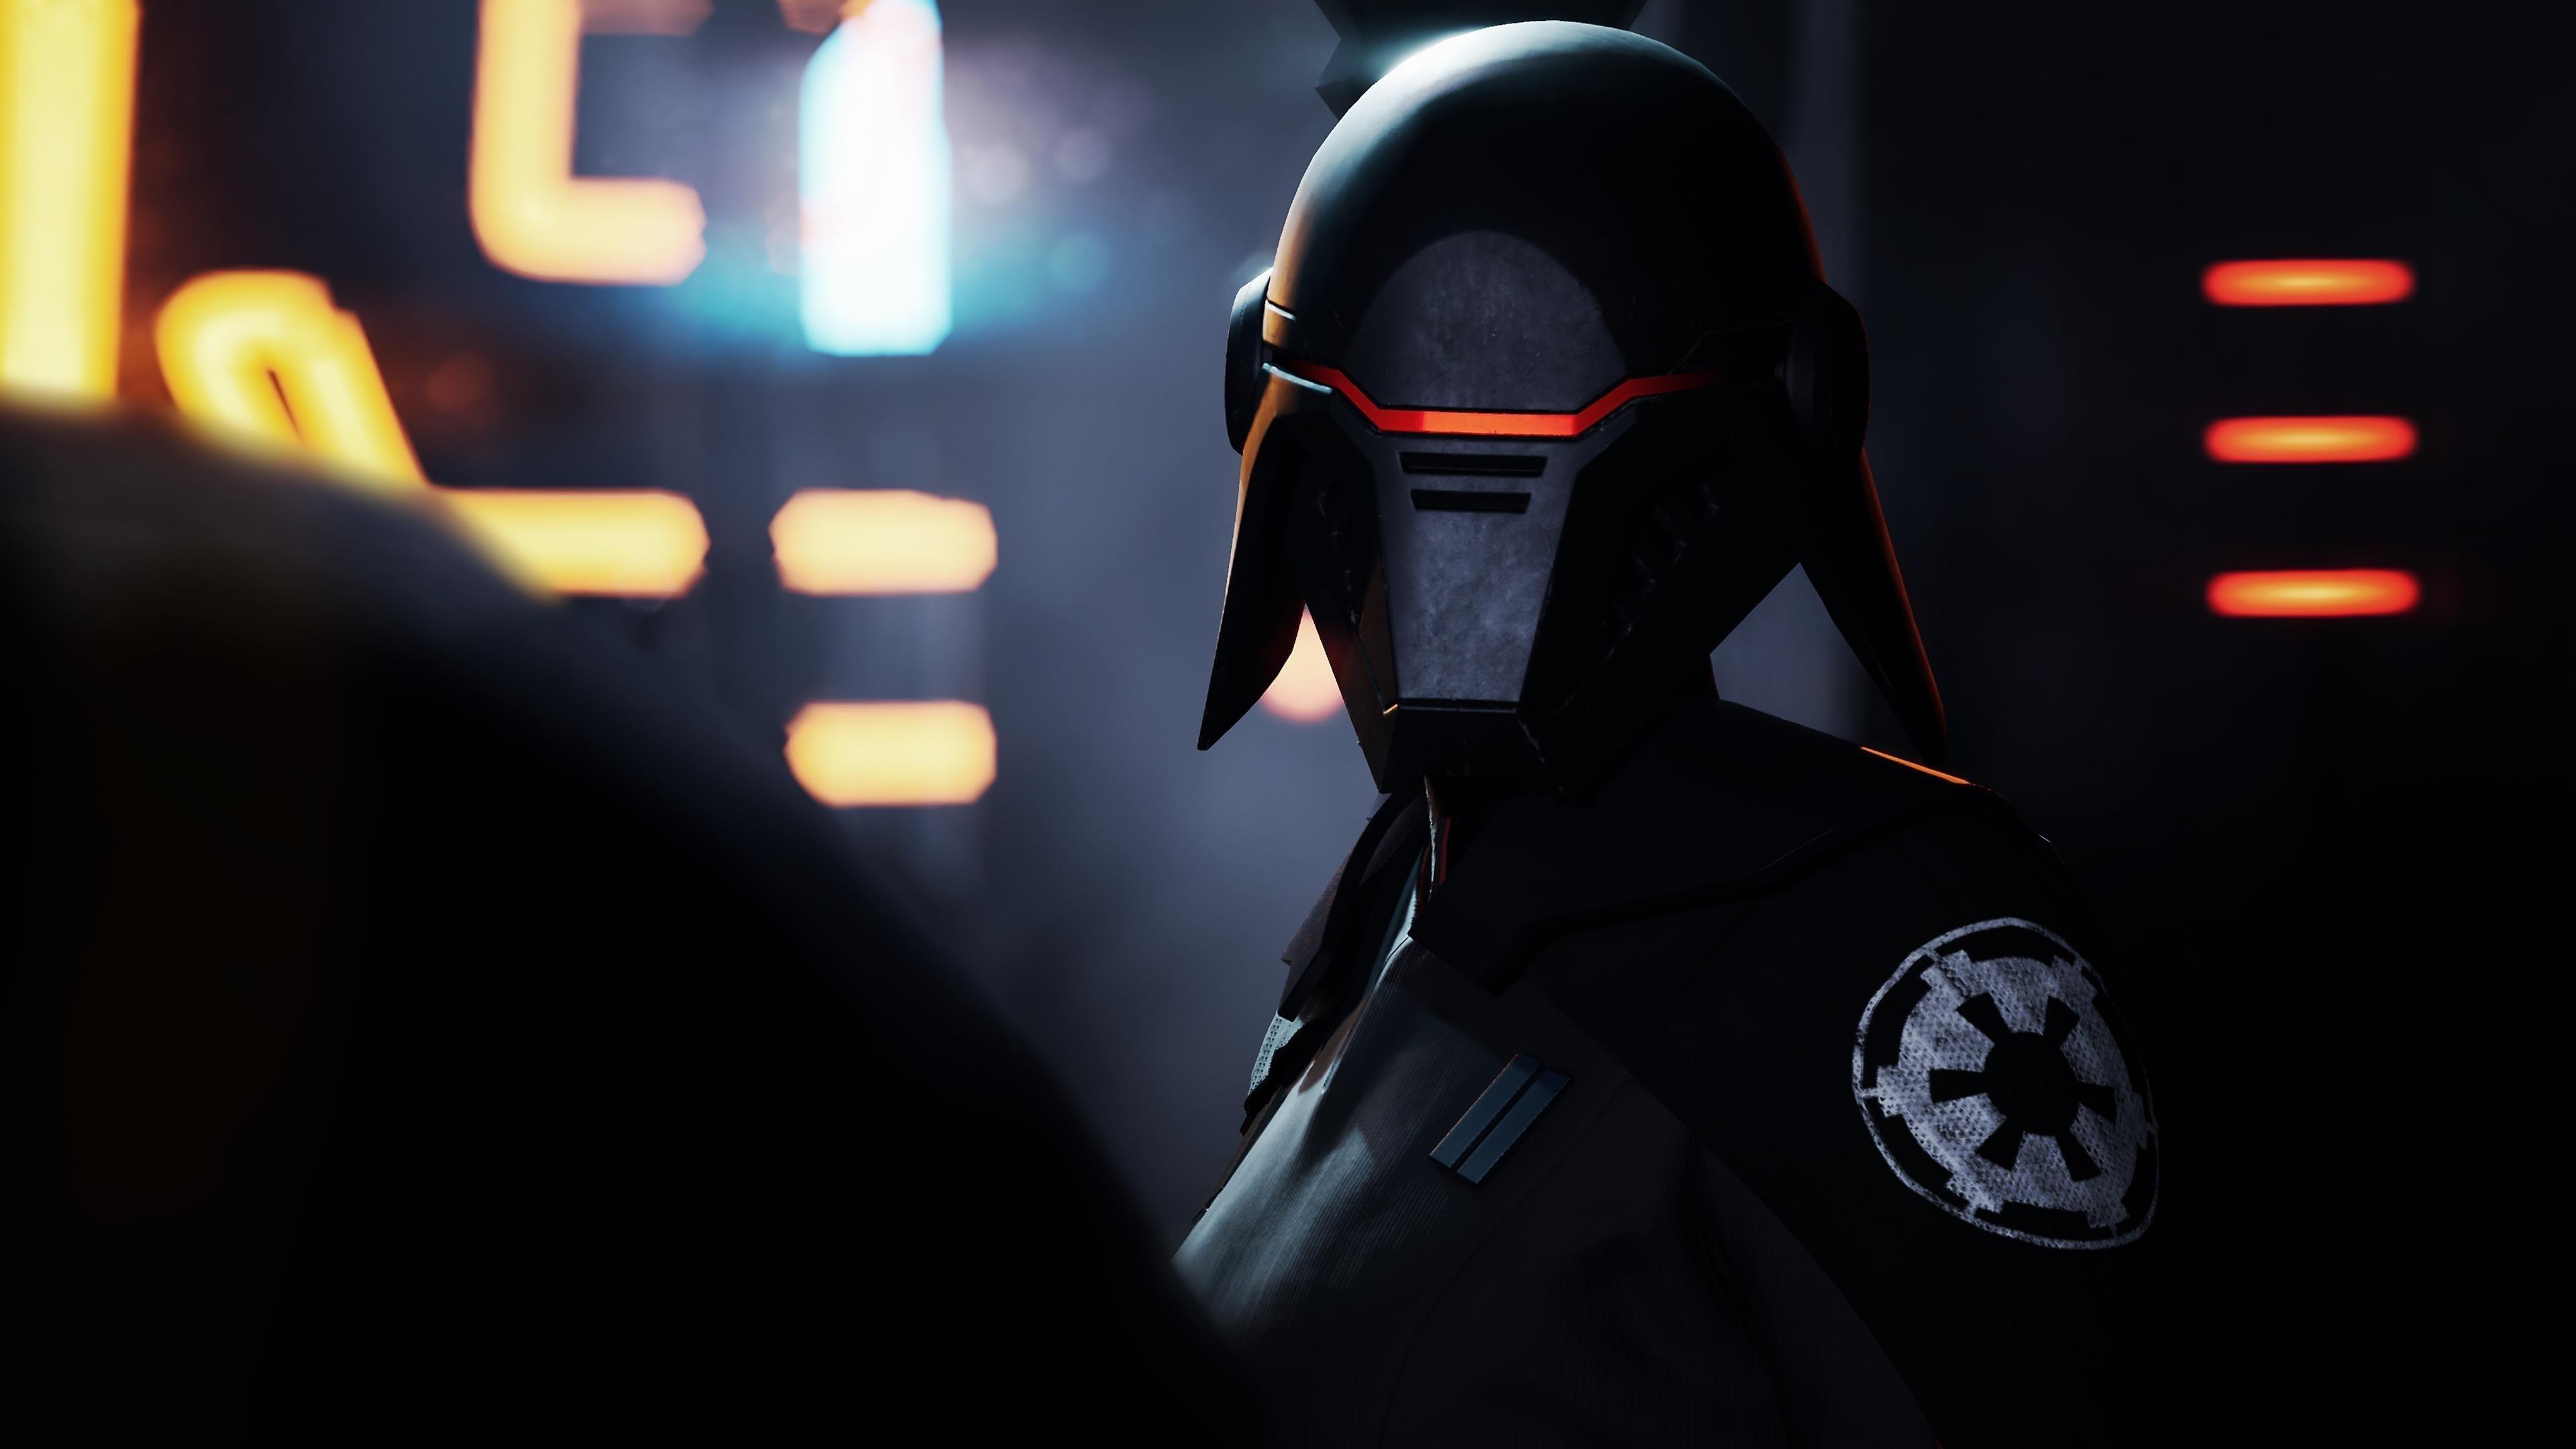 Вторая сестра Звездные войны джедай падший орден 2019 обои скачать